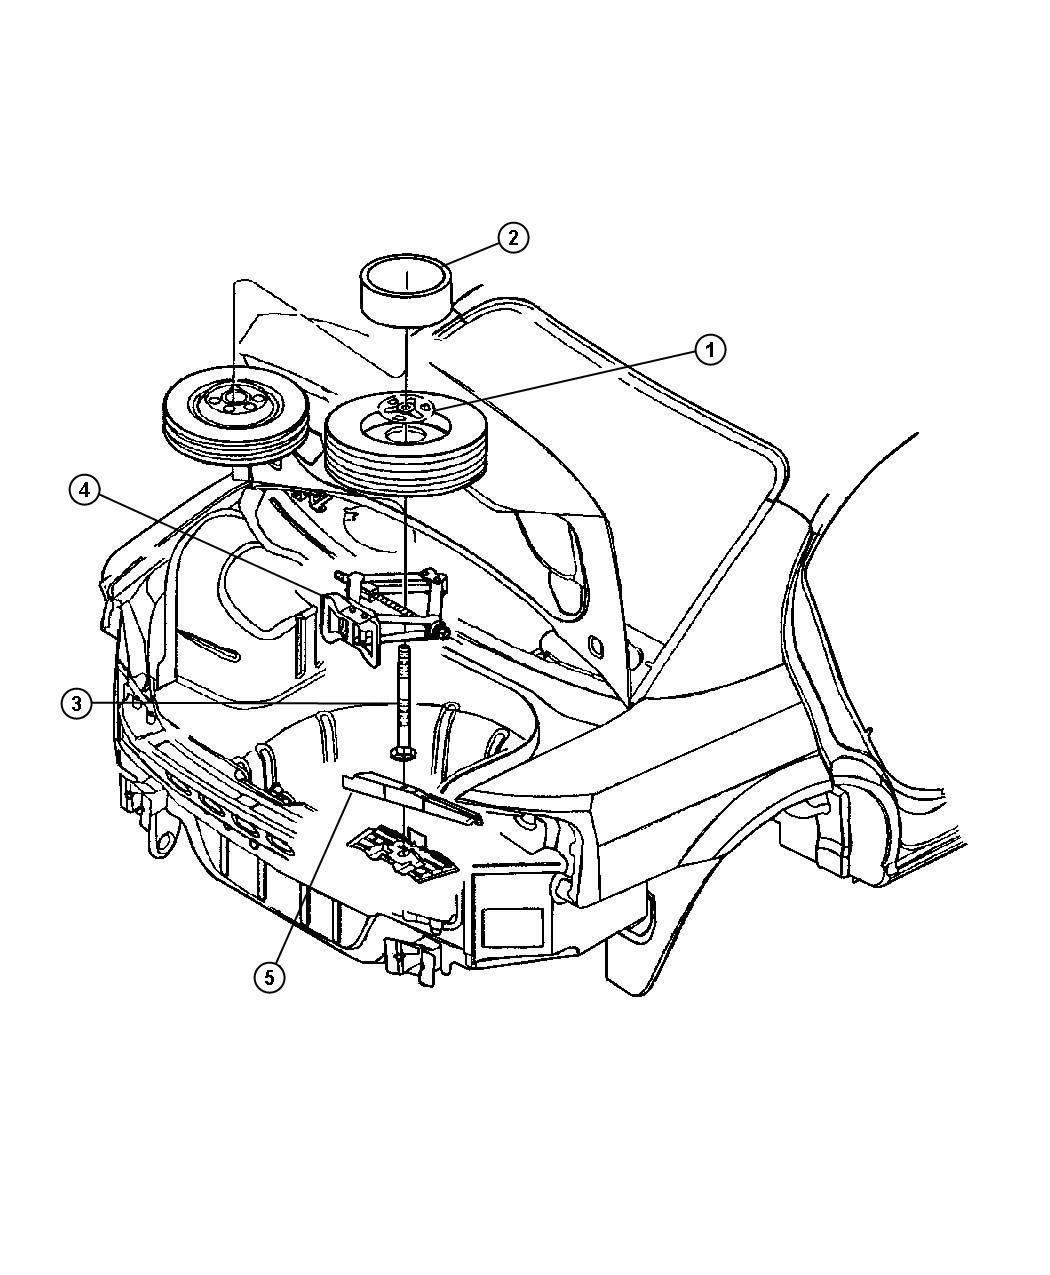 Chrysler Sebring Convertible 2 7l V6 Dohc 24 Valve